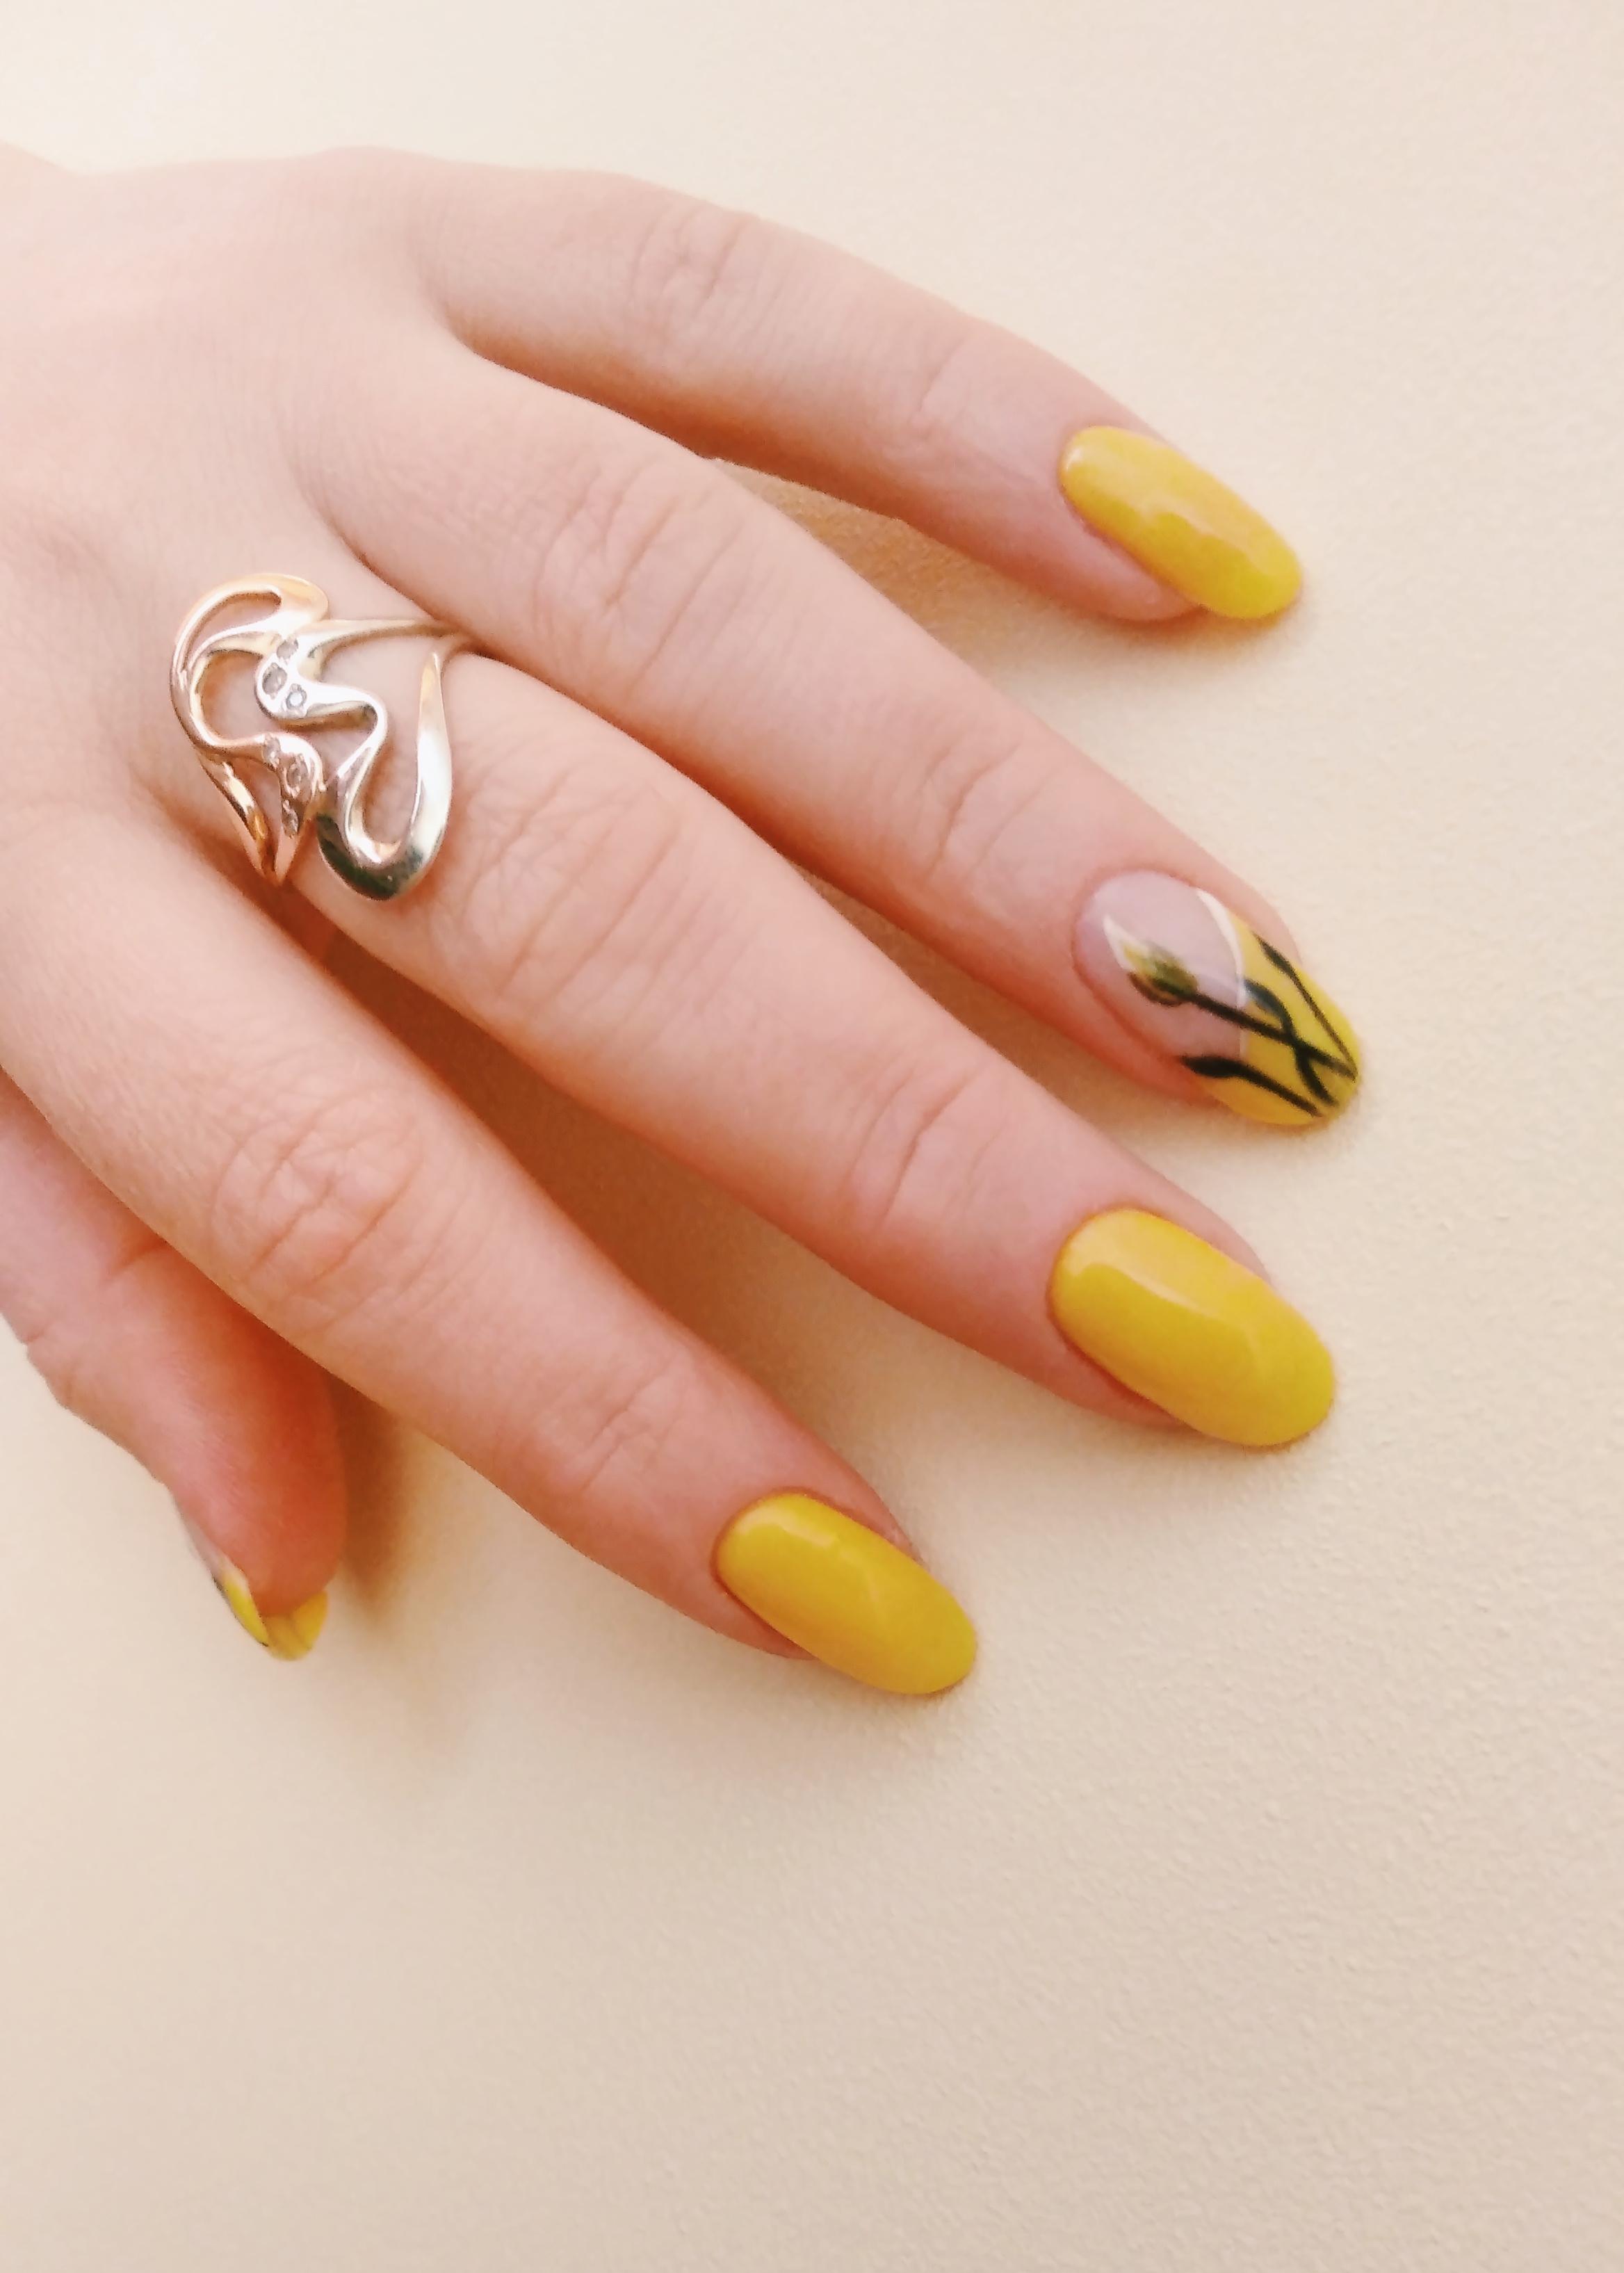 Маникюр с цветочным рисунком в желтом цвете на длинные ногти.